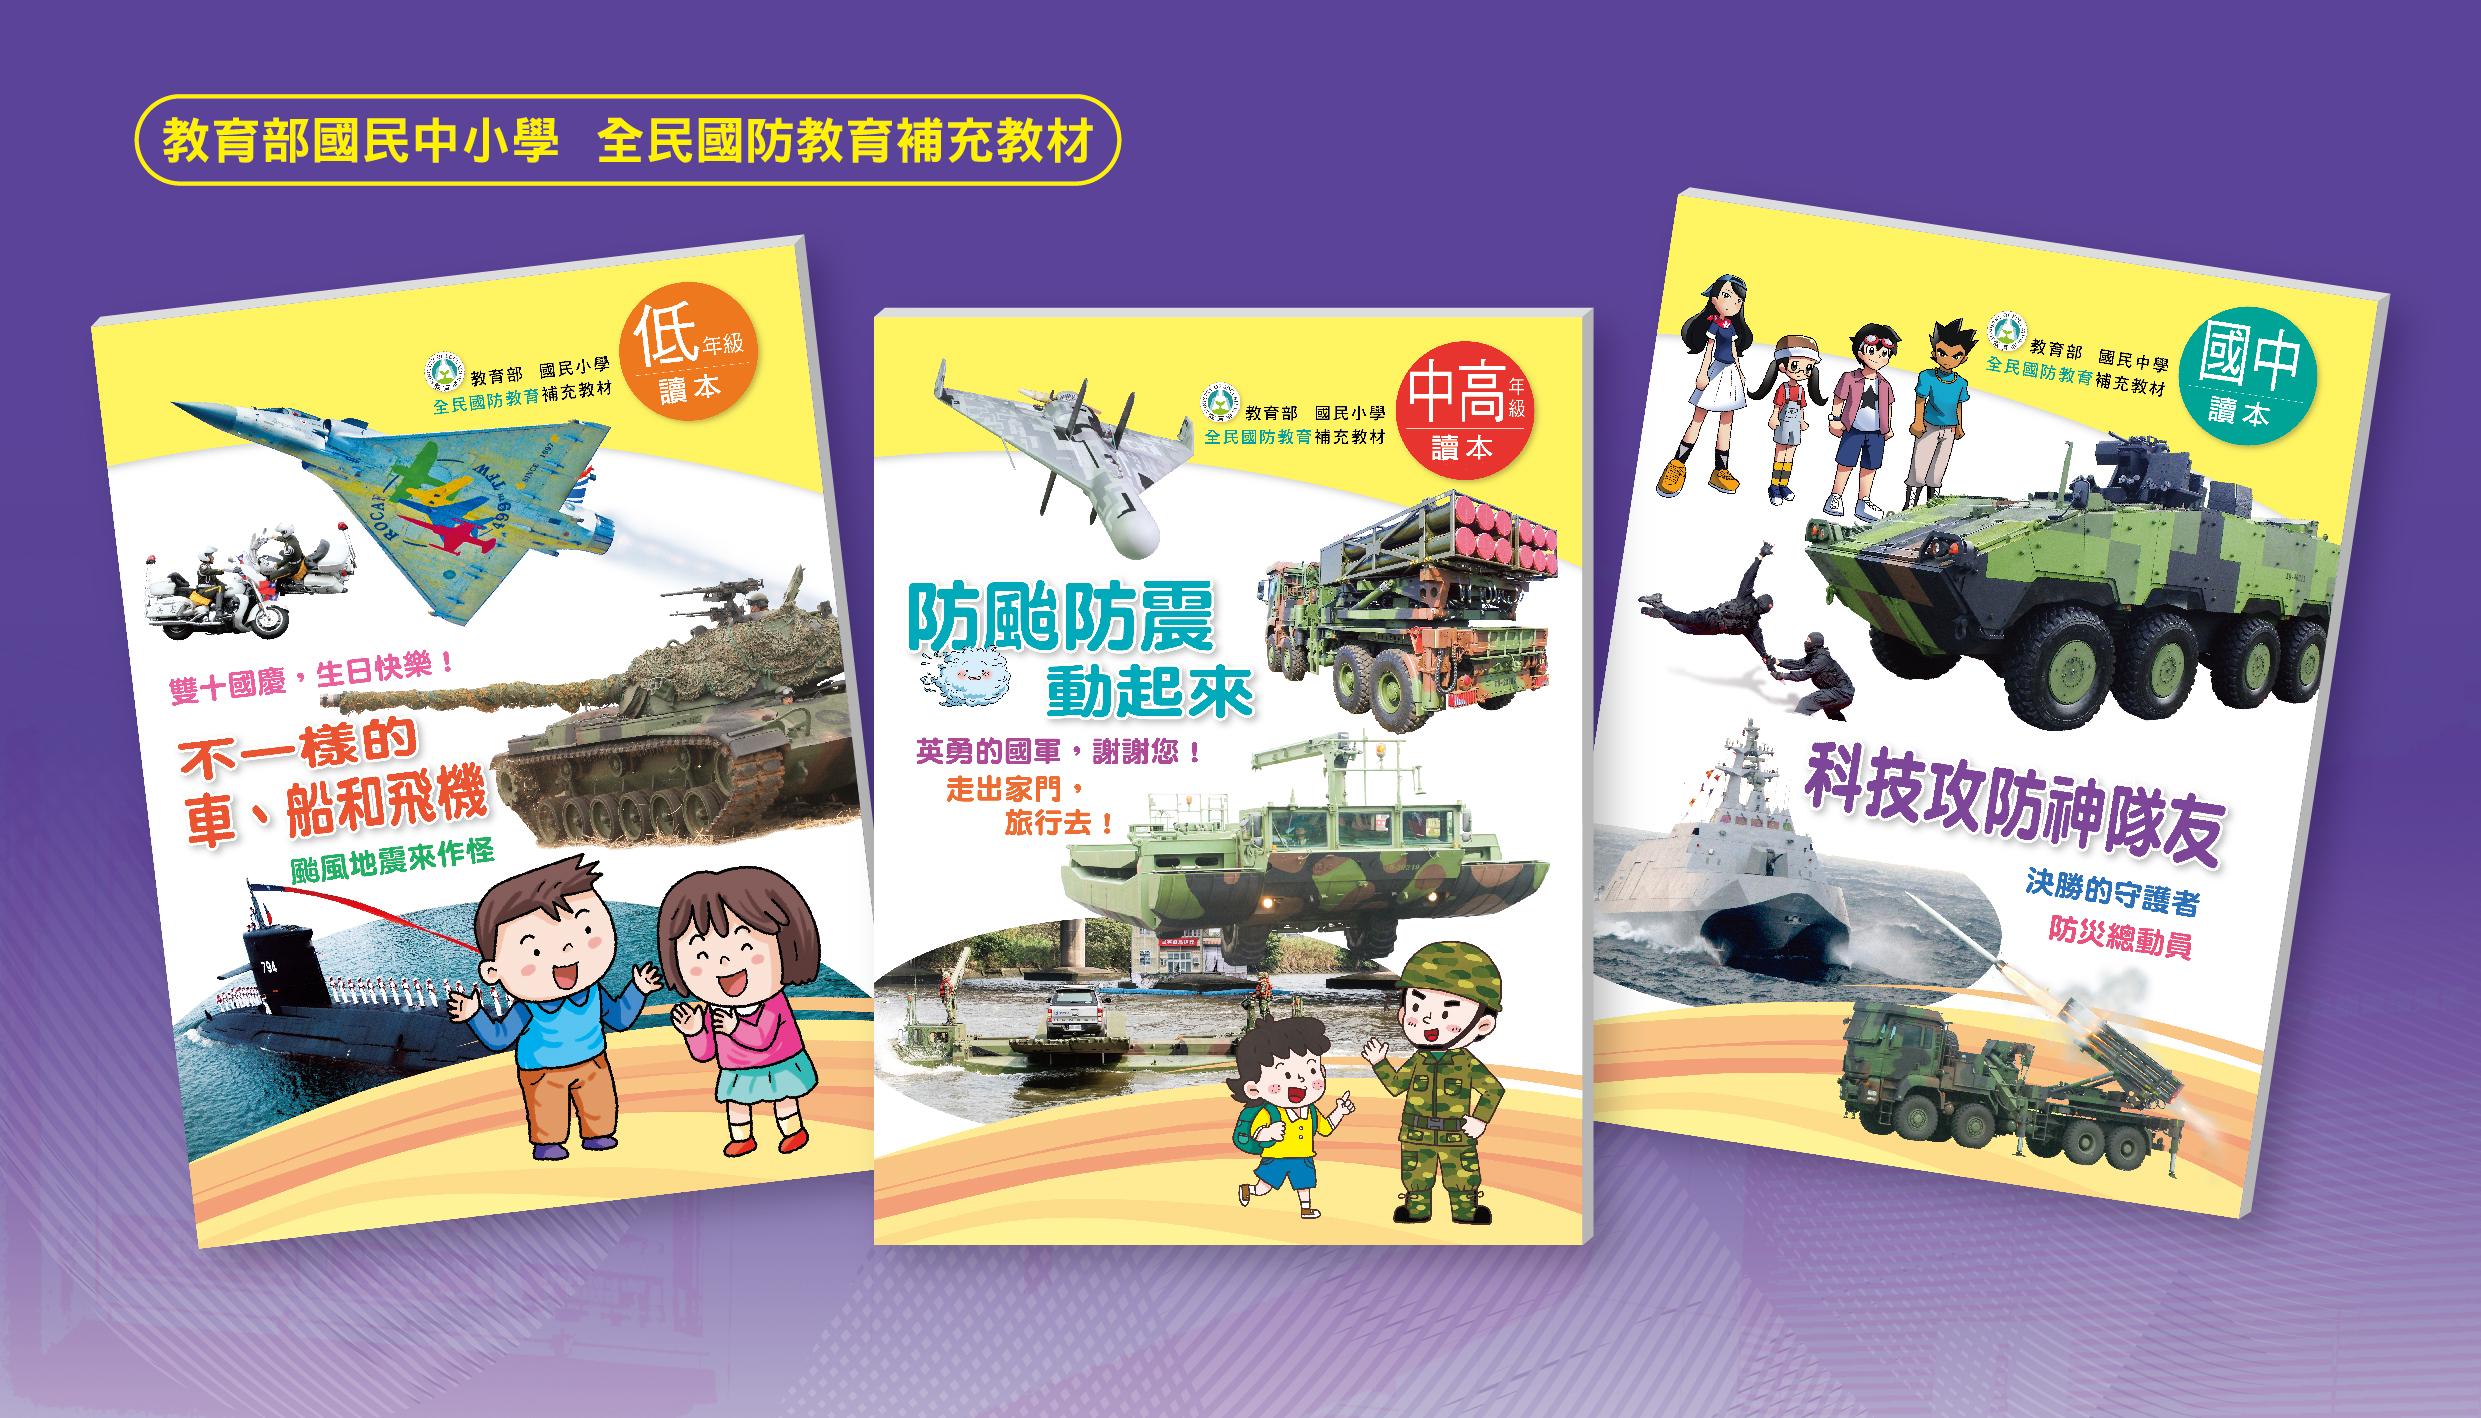 國中小全民國防教育補充教材封面-新聞稿用圖_大圖